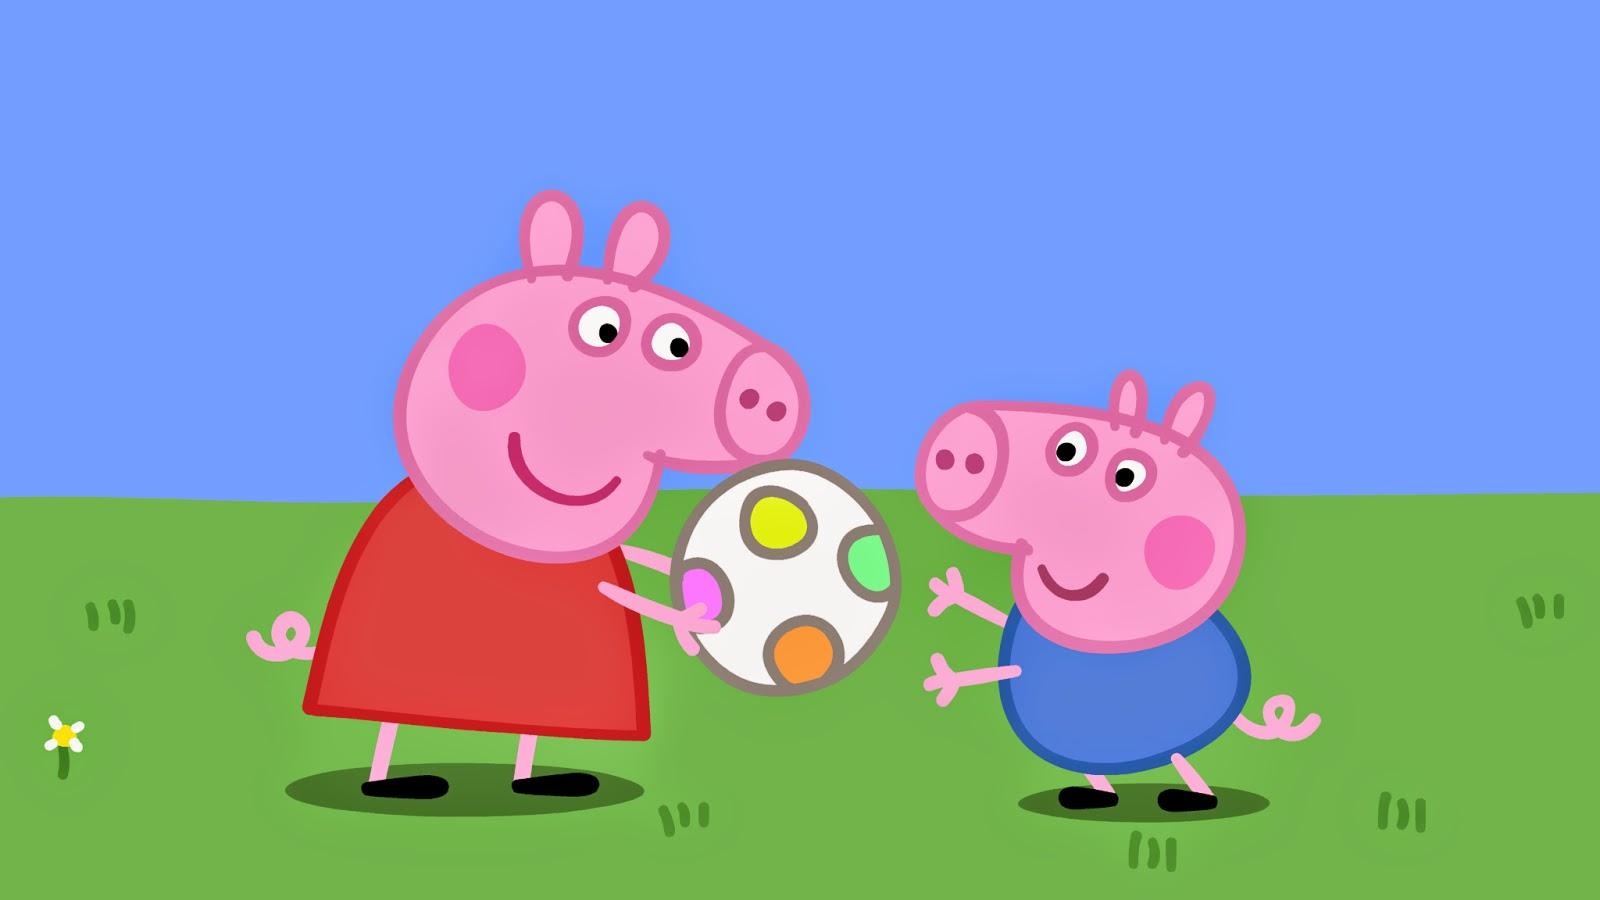 4 motivos para seus filhos assistirem Peppa Pig - Peppa e George brincando de bola